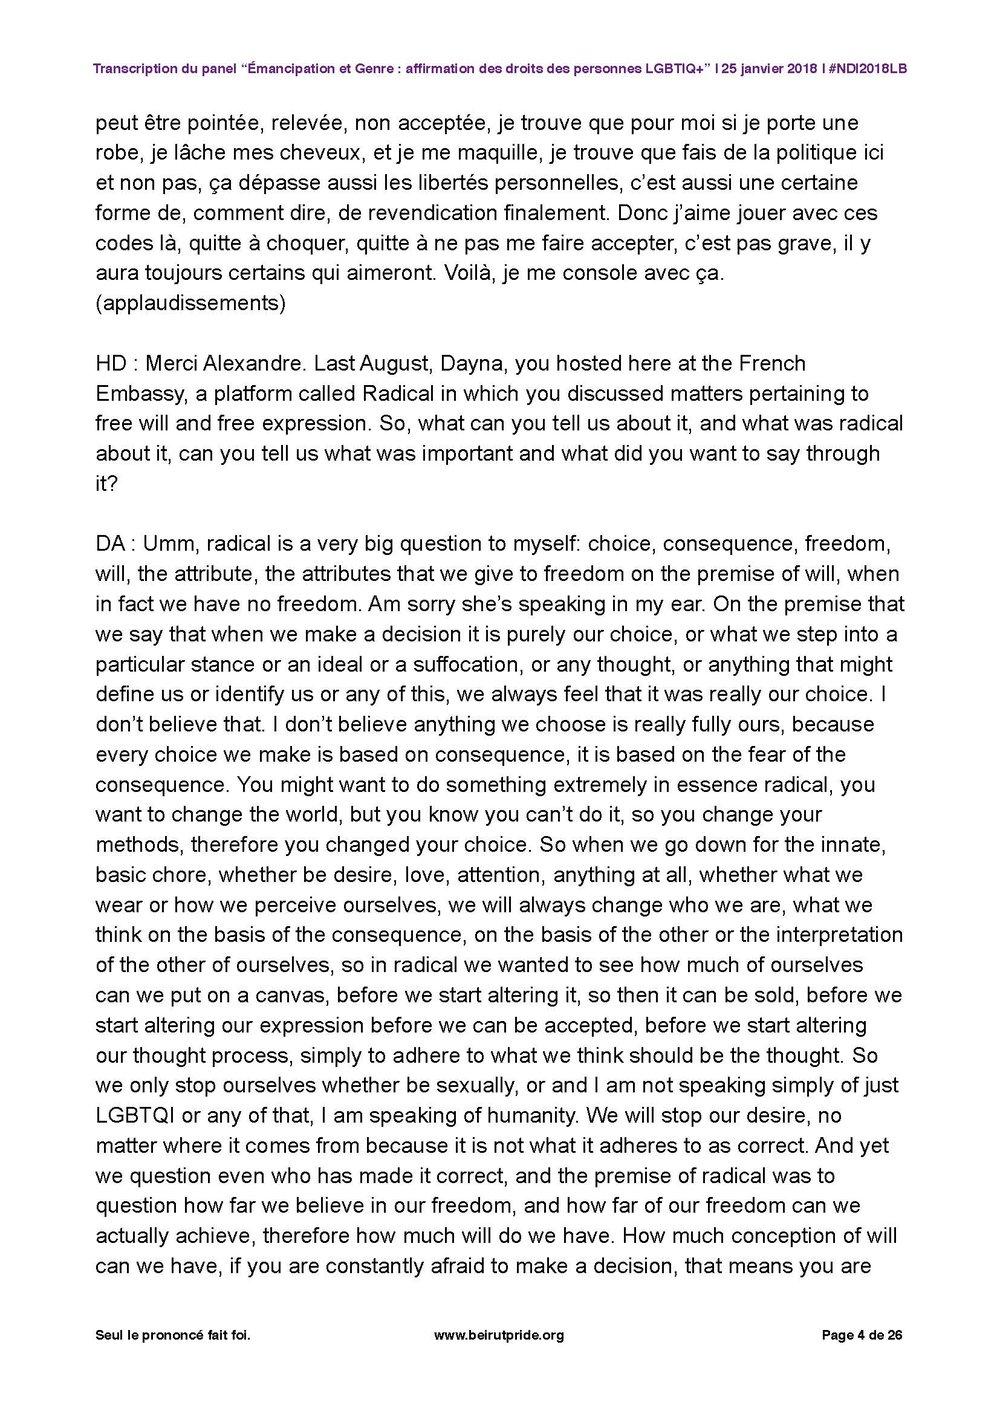 Transcription Nuit des idées 2018_Page_04.jpg